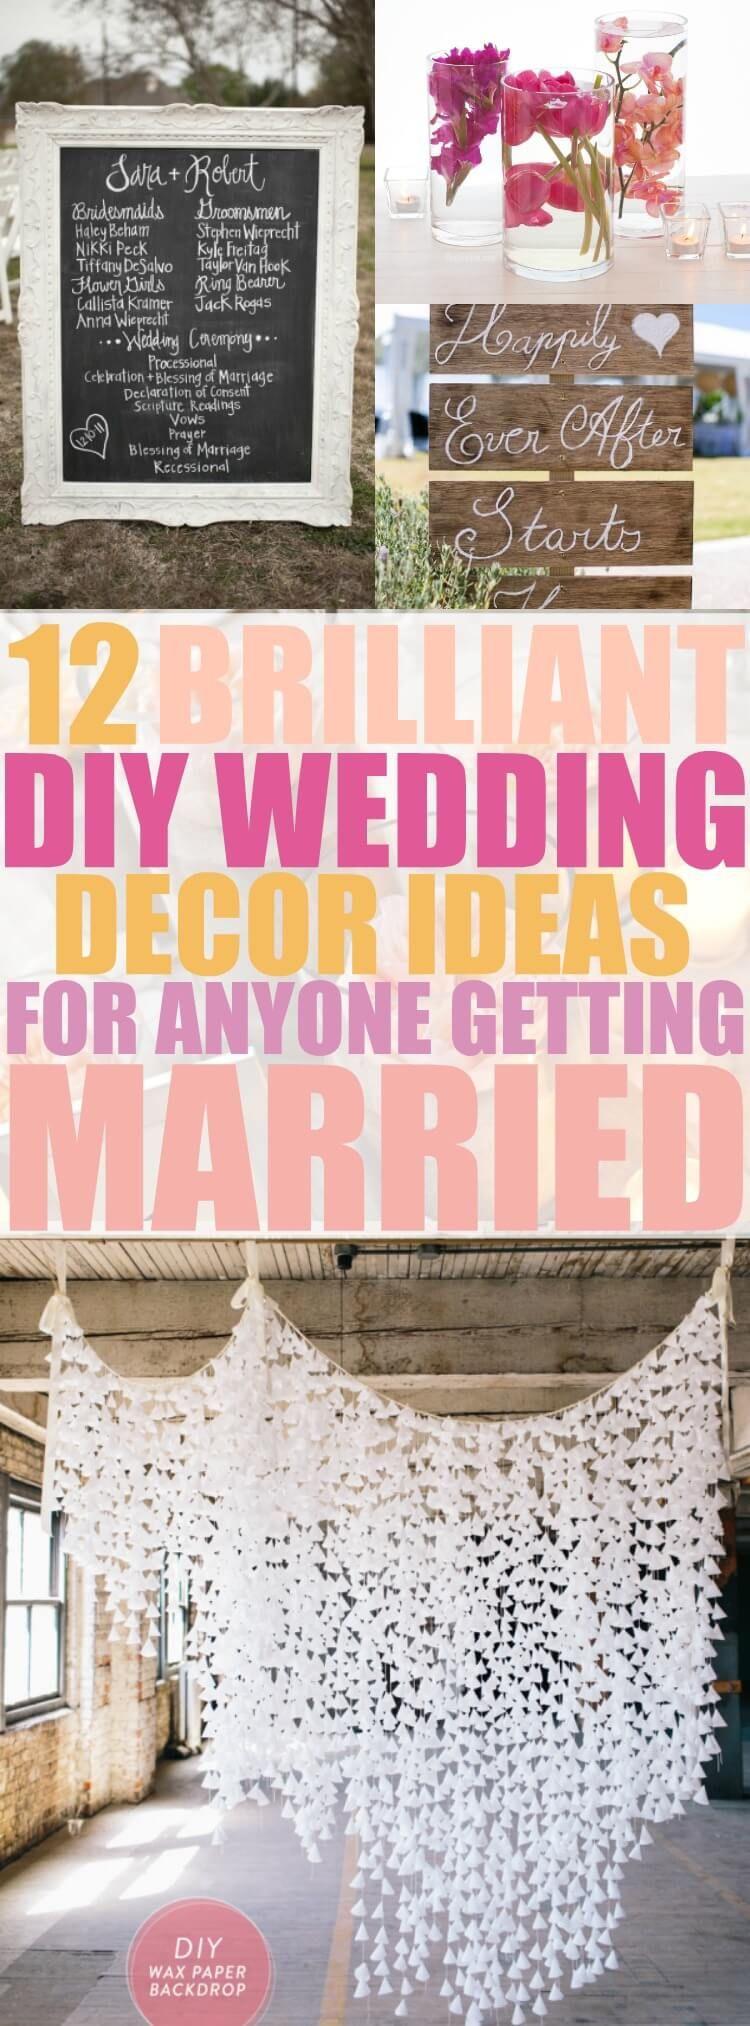 diy wedding decor ideas that are beyond easy diy wedding